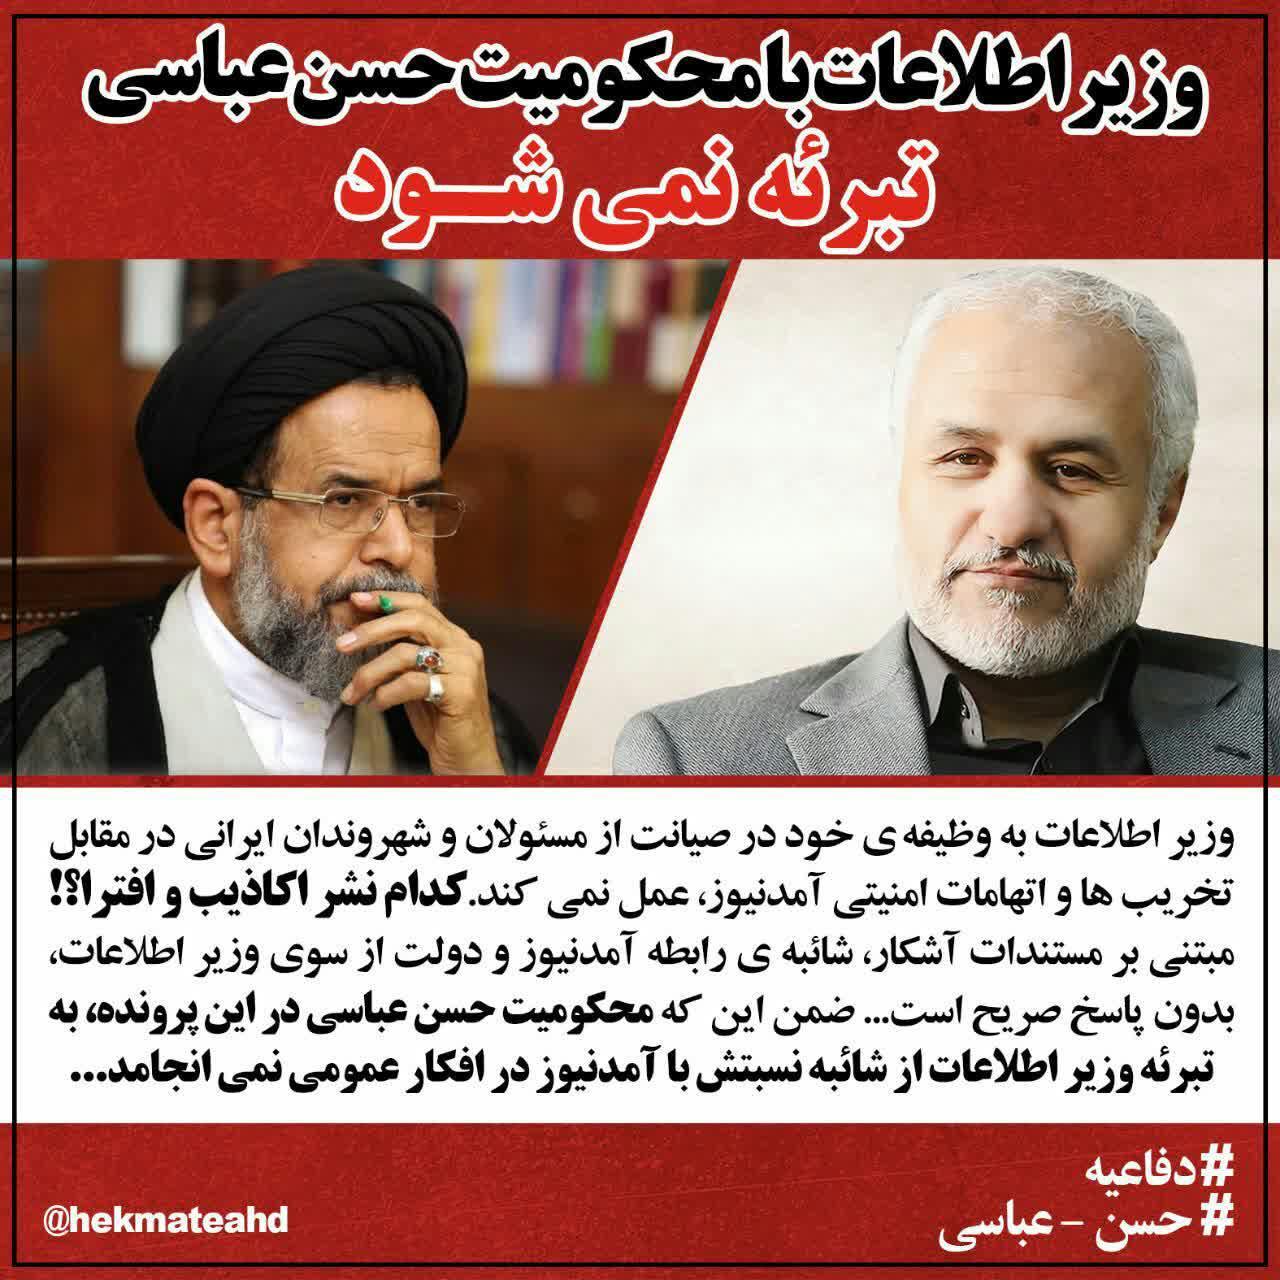 amadnews%20%2826%29 شکایت وزیر اطلاعات از حسن عباسی به بهانه بیان ارتباط و رابطه آمدنیوز و همچنين وزیر اطلاعات + اسناد